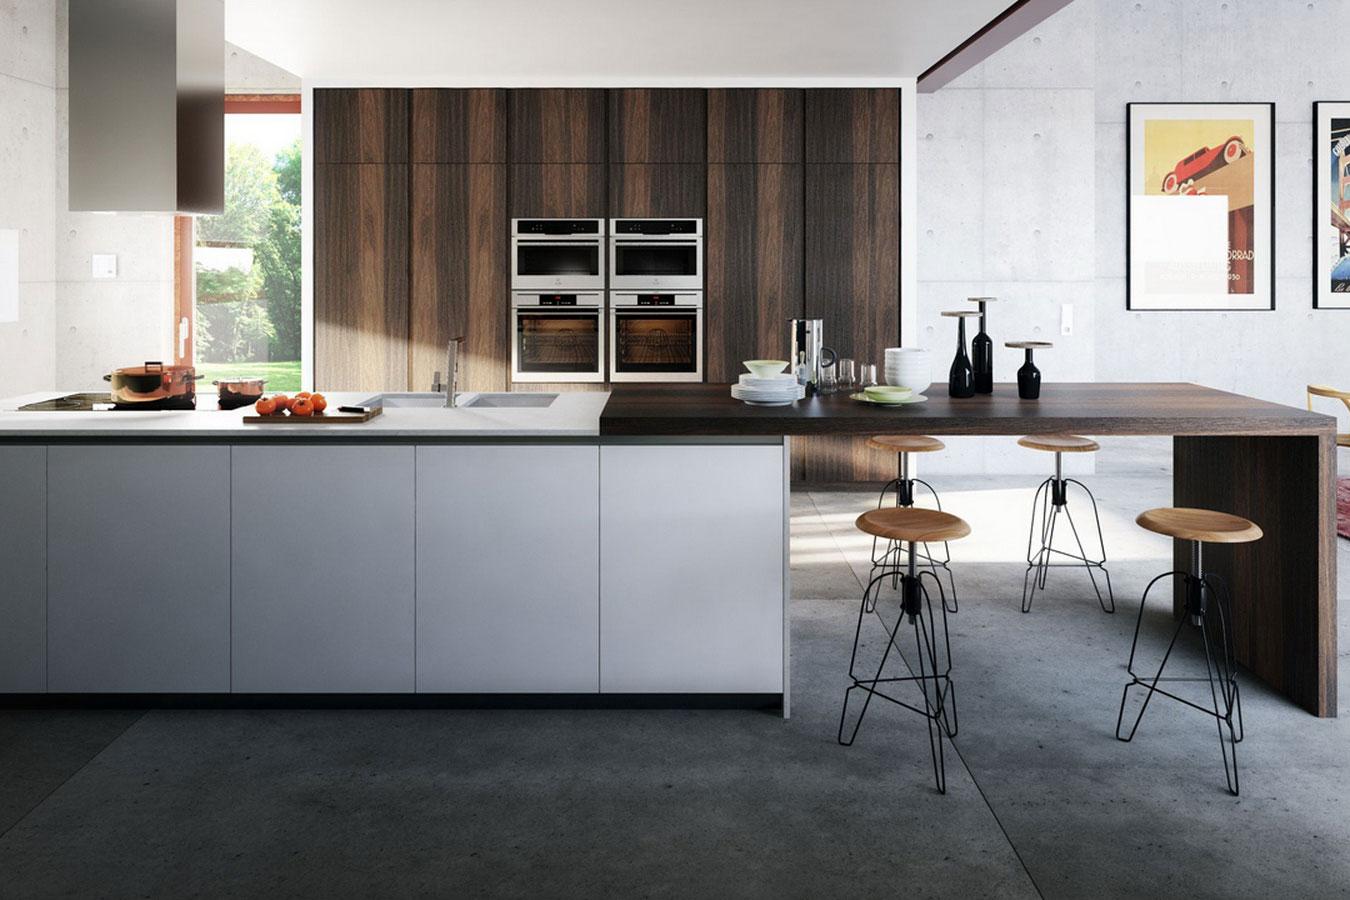 Cucina velvet di gd arredamenti righetti mobili novara for Cucine e arredi novara